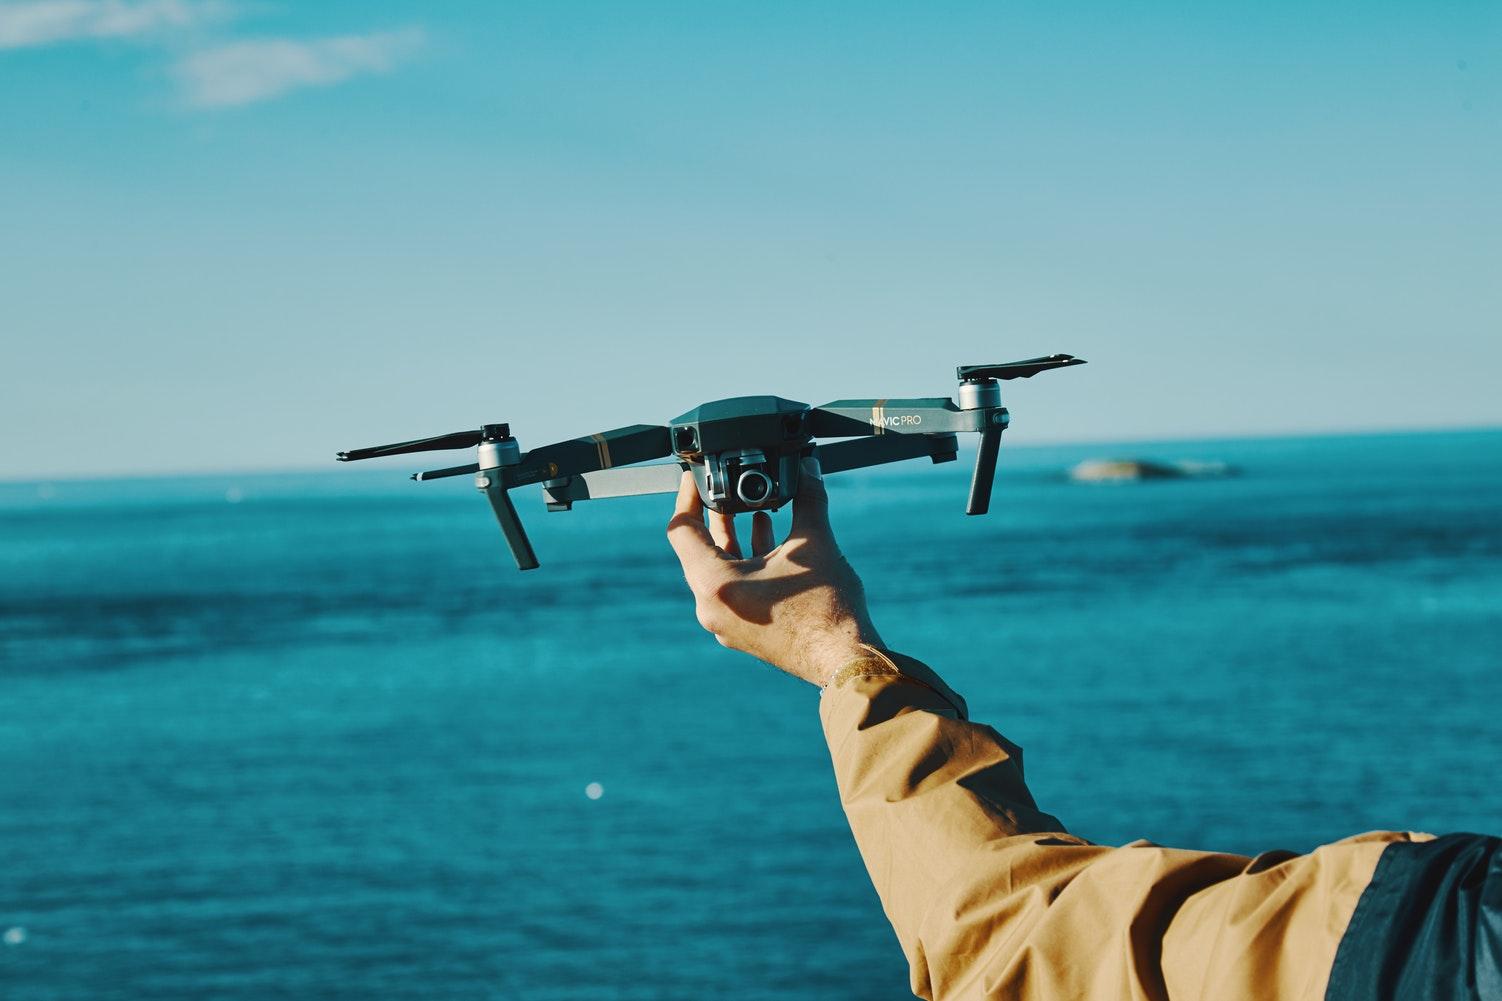 Best 6 Waterproof Drones – No Fear of Water